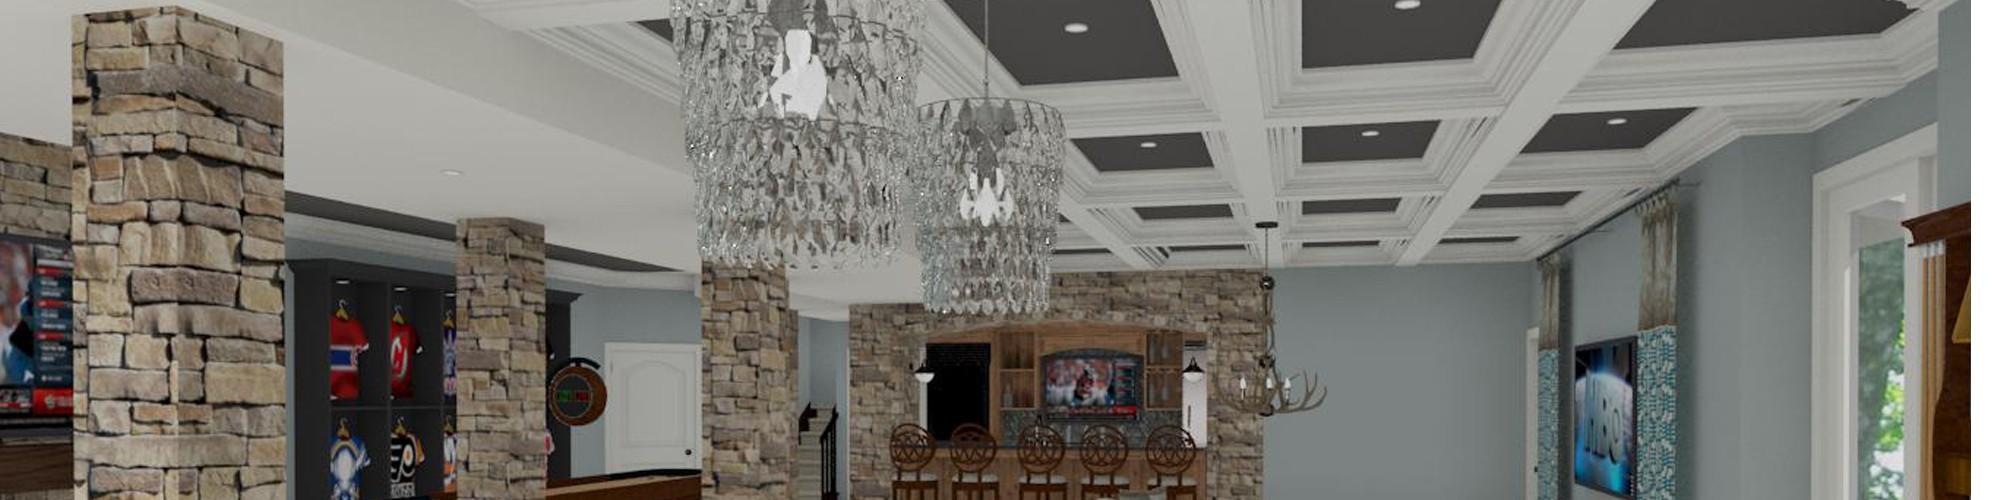 Design build Pros – basements (7)